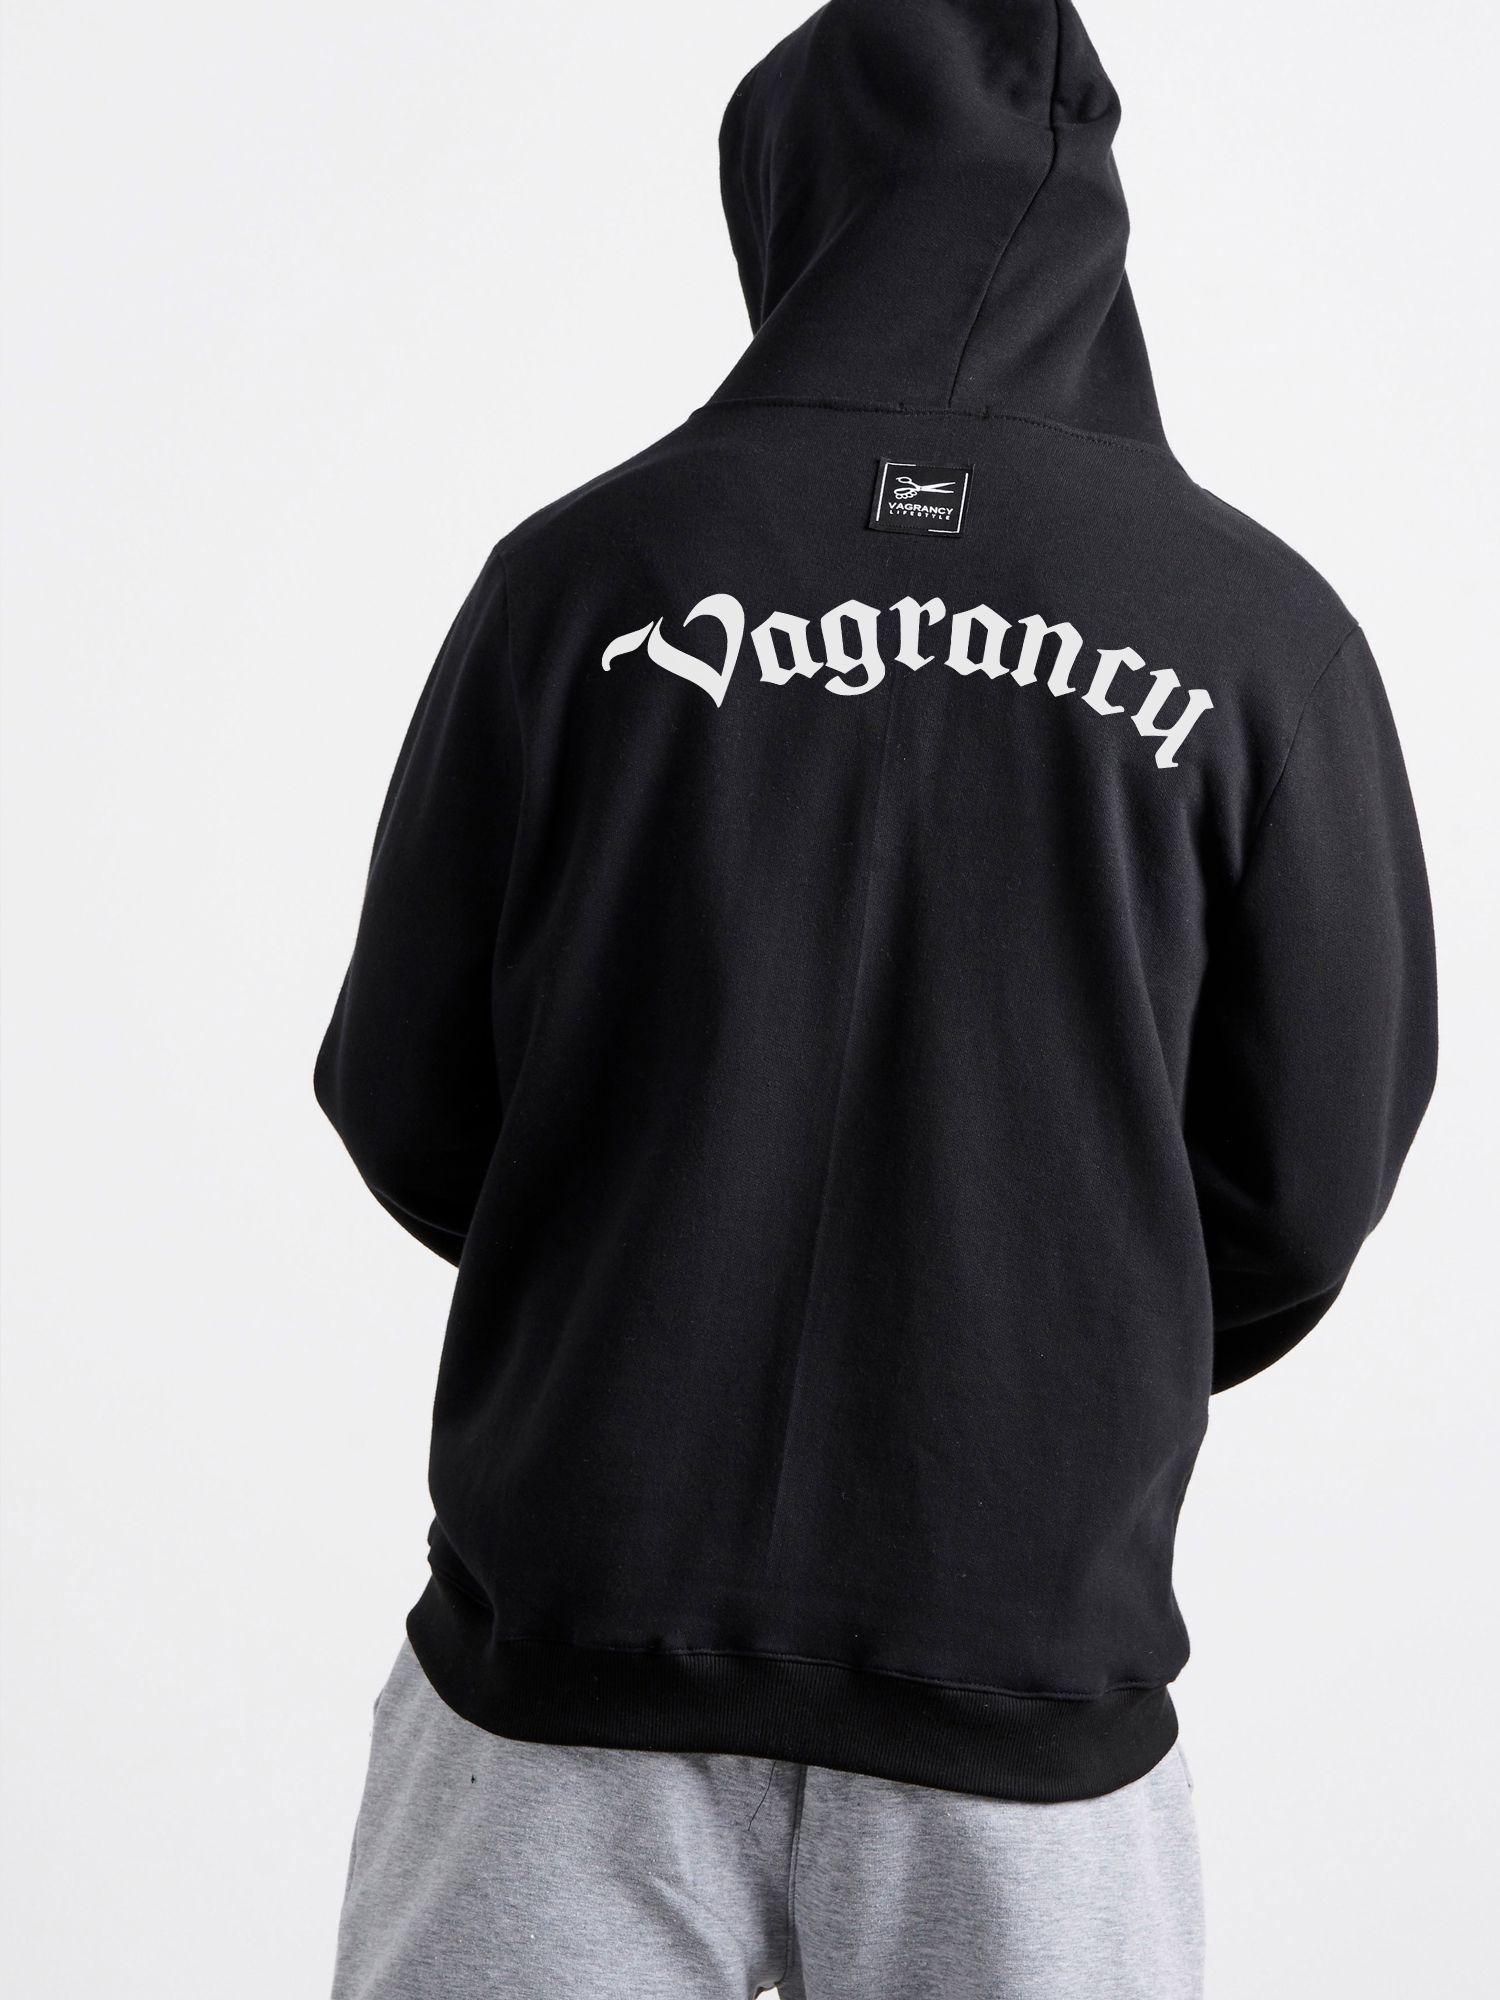 Vagrancy hooded Jacket